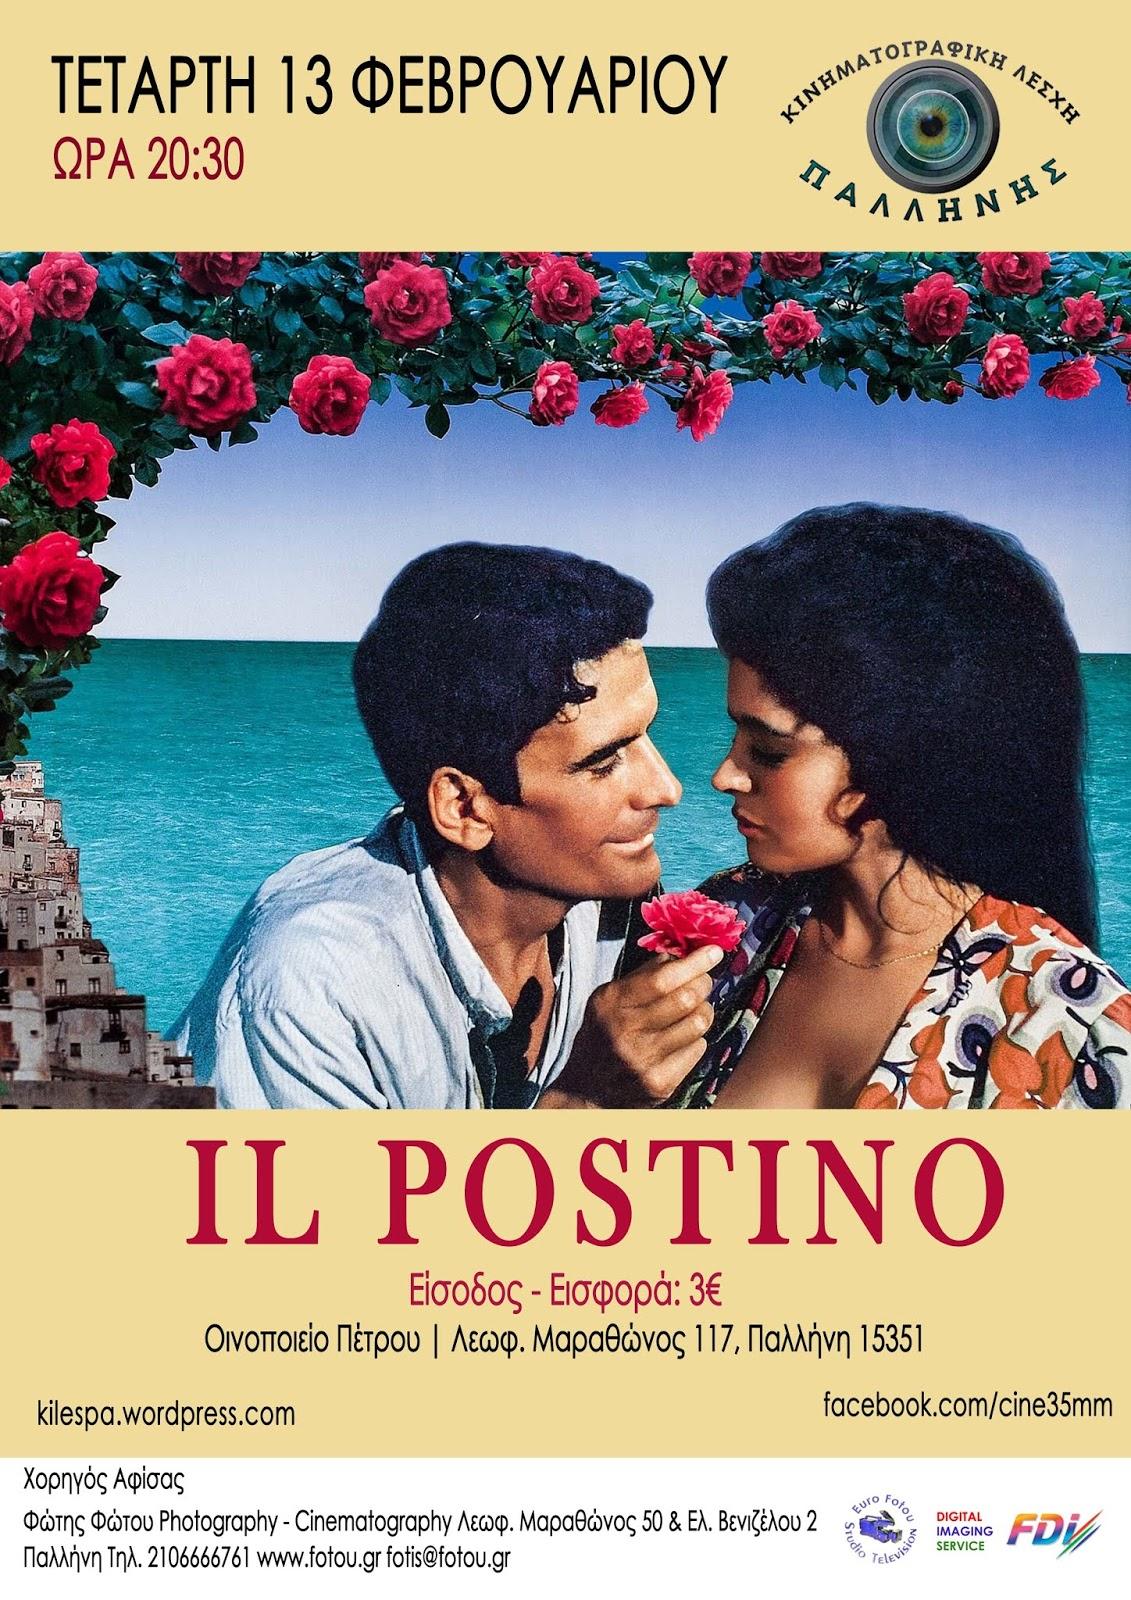 d477fa382d3 Il Postino (Ο Ταχυδρόμος), στην Κινηματογραφική Λέσχη Παλλήνης